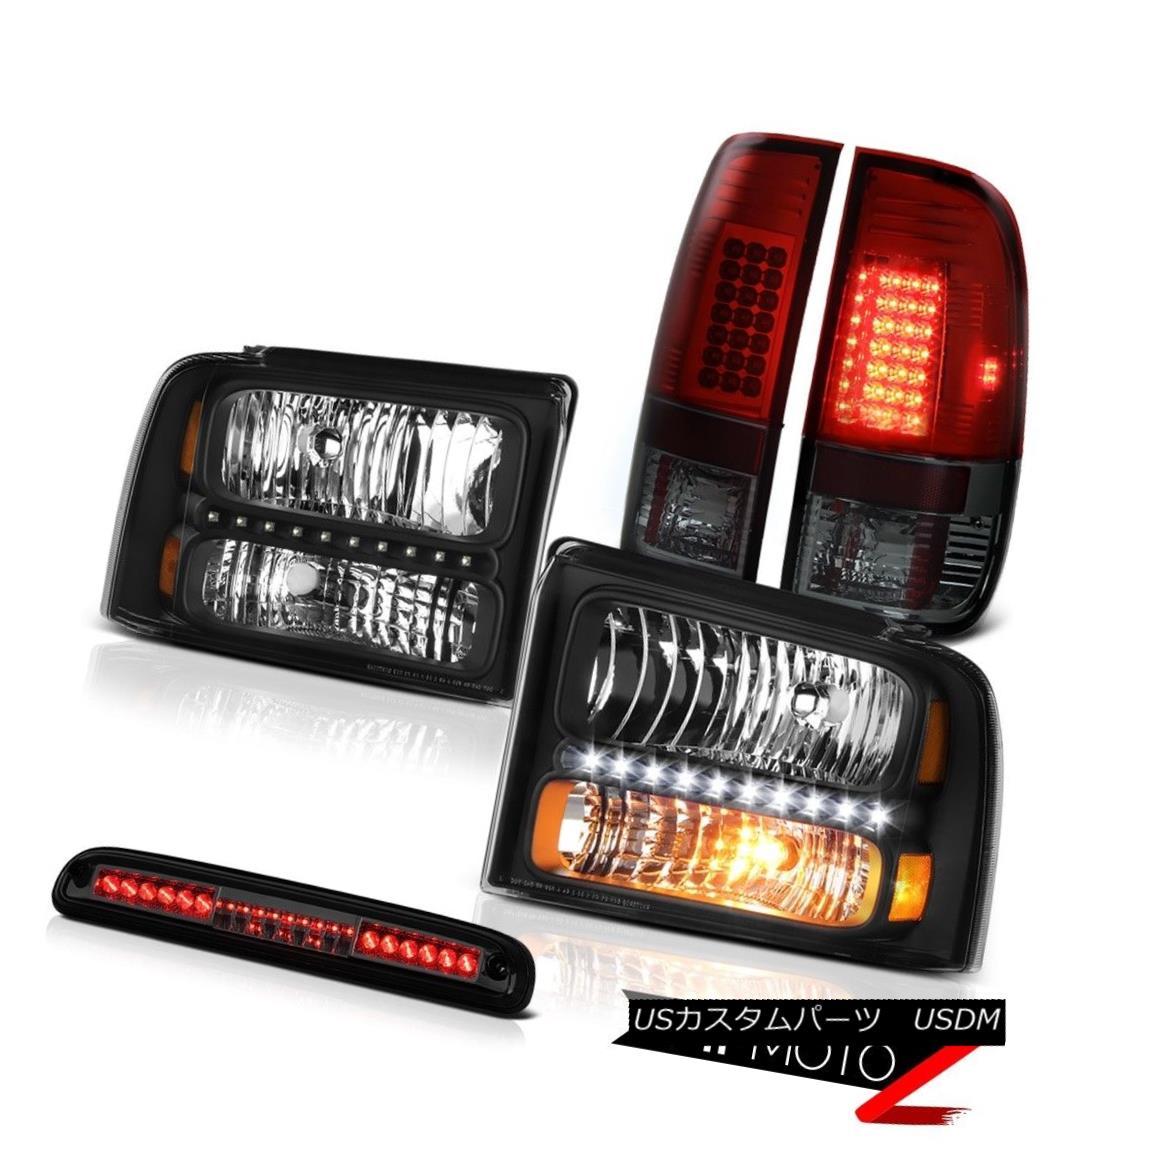 テールライト 2005-2007 F250 Outlaw Left Right Headlights LED Bulb Tail Lights High Stop Smoke 2005-2007 F250無法左右ヘッドライトLED電球テールライトハイストップスモーク